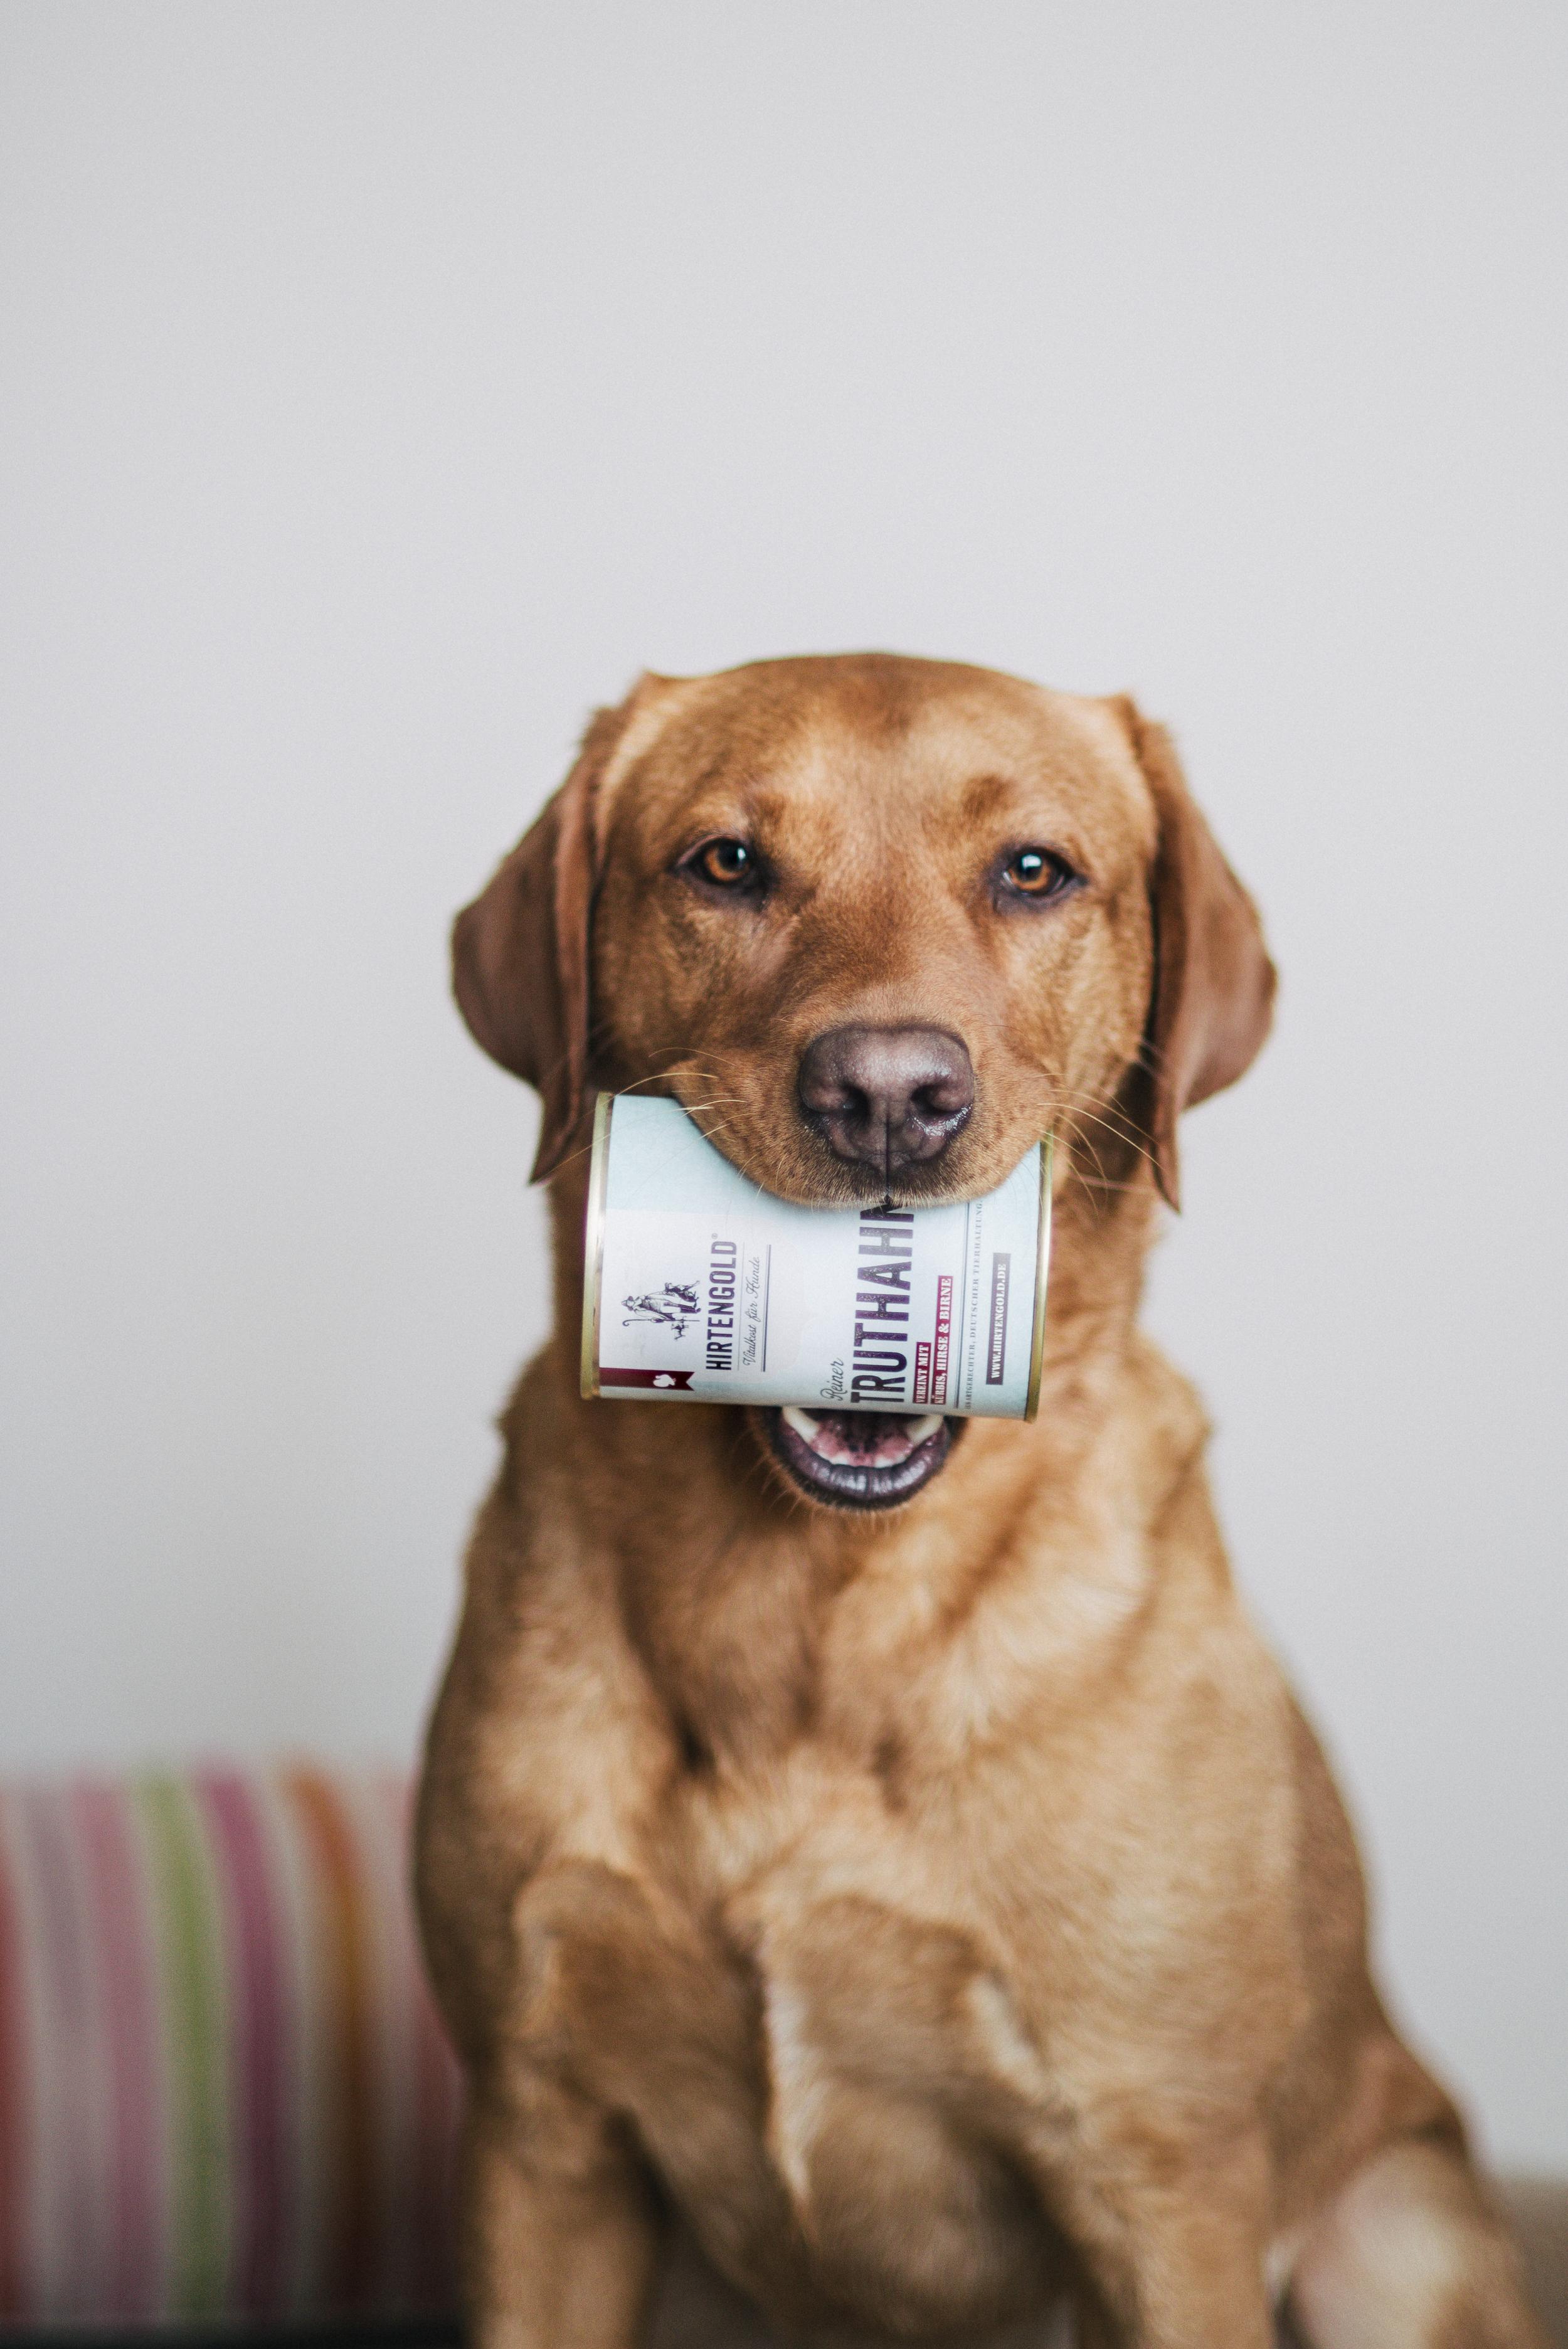 Machst Du mir bitte diese Dose mal auf?